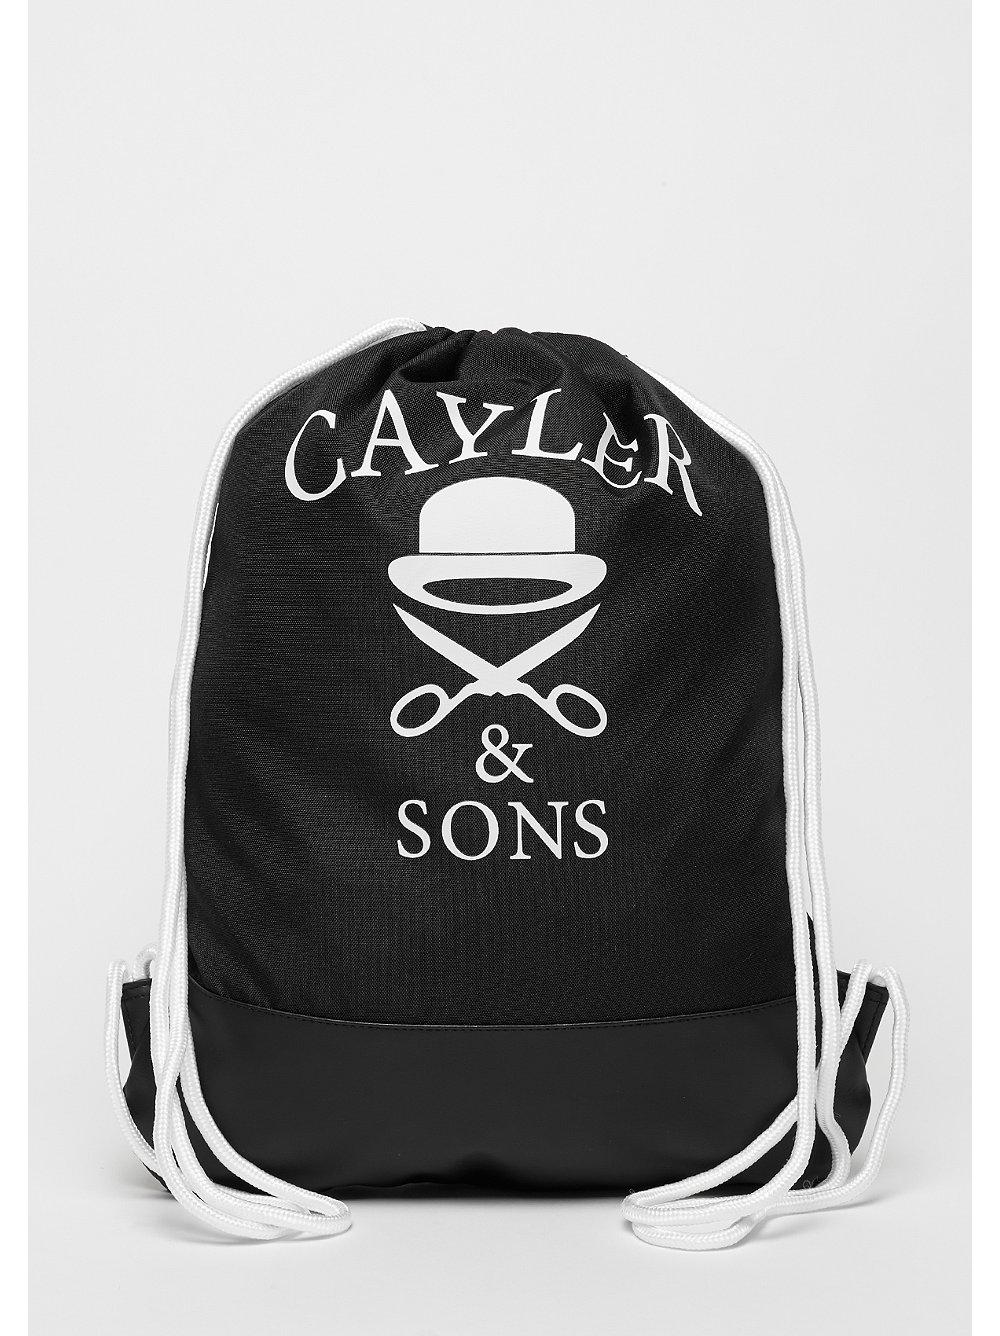 cayler sons wl 8th day black snipes onlineshop. Black Bedroom Furniture Sets. Home Design Ideas